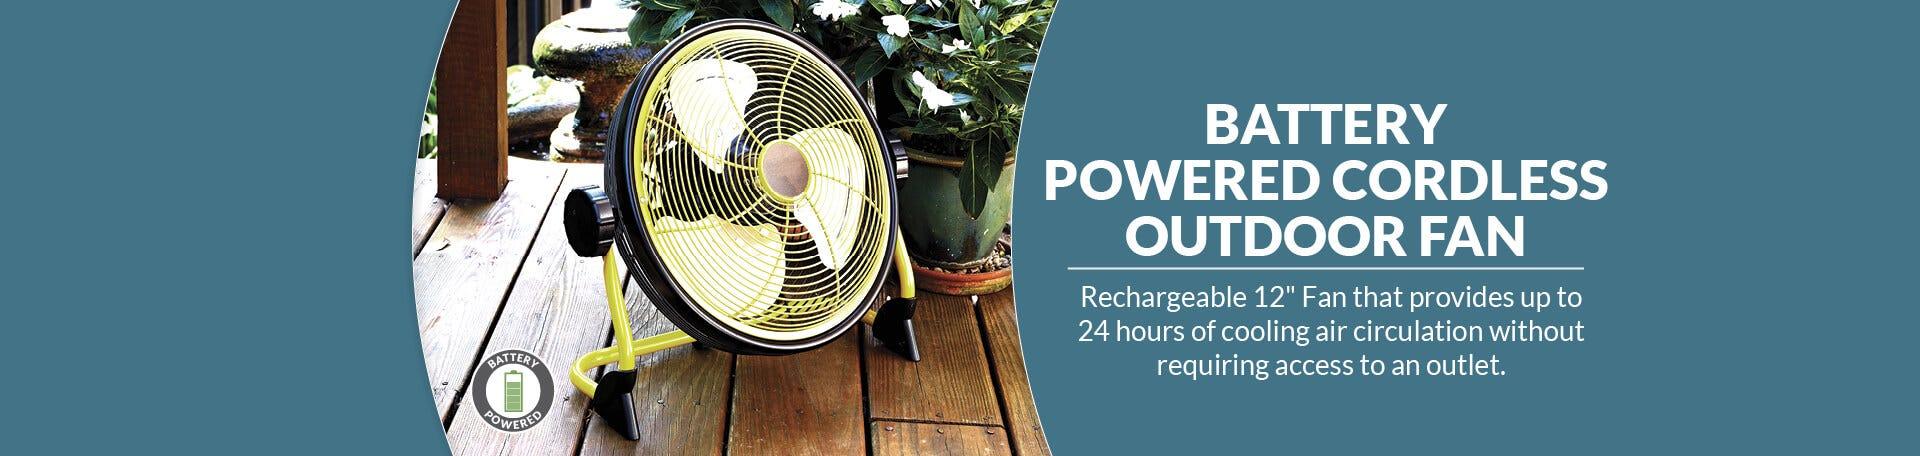 Battery Powered Fan